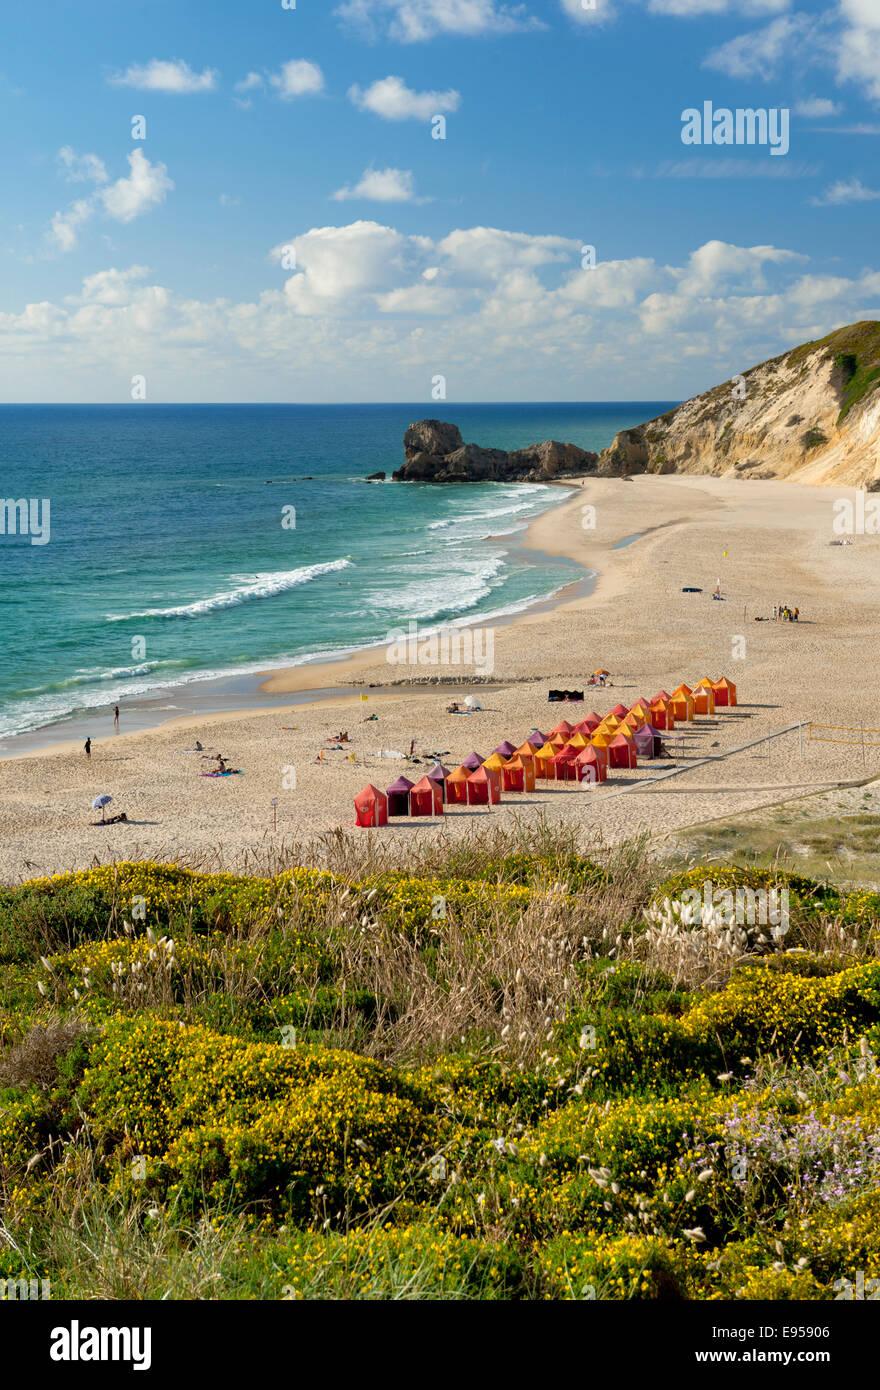 Aeroporto Beira Da Praia : Praia da légua beach near nazaré costa prata beira